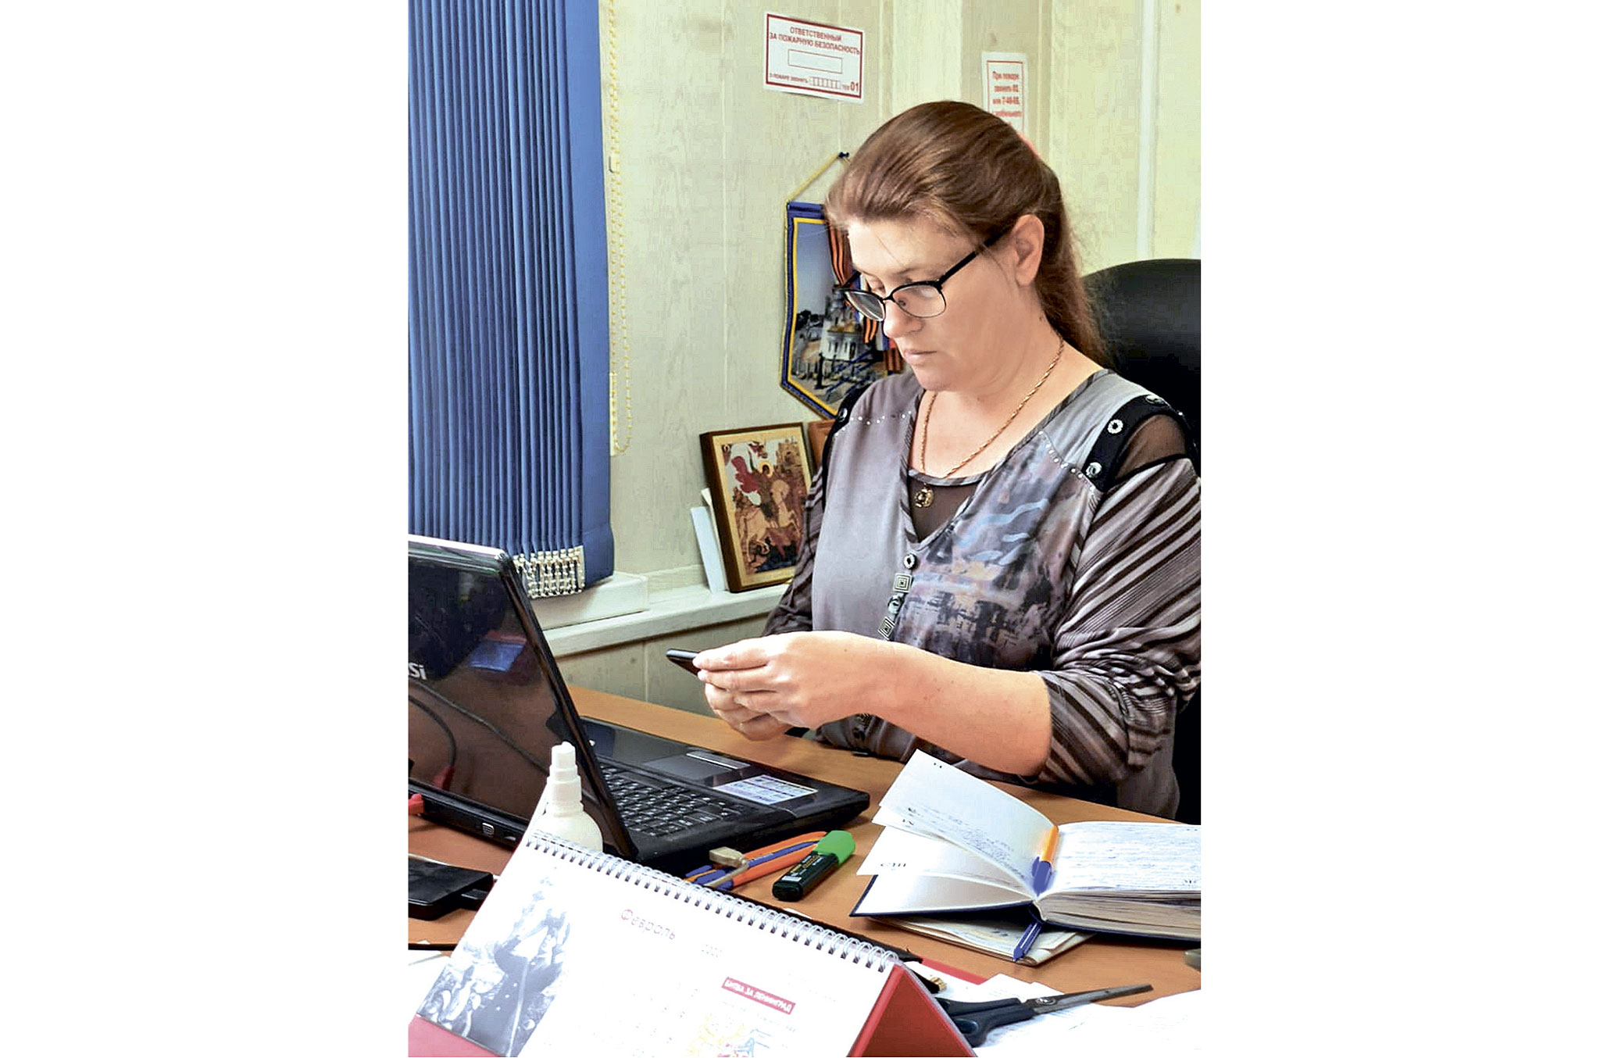 Елена Пивоварова отвечает на вопросы читателей в соцсетях в режиме онлайн